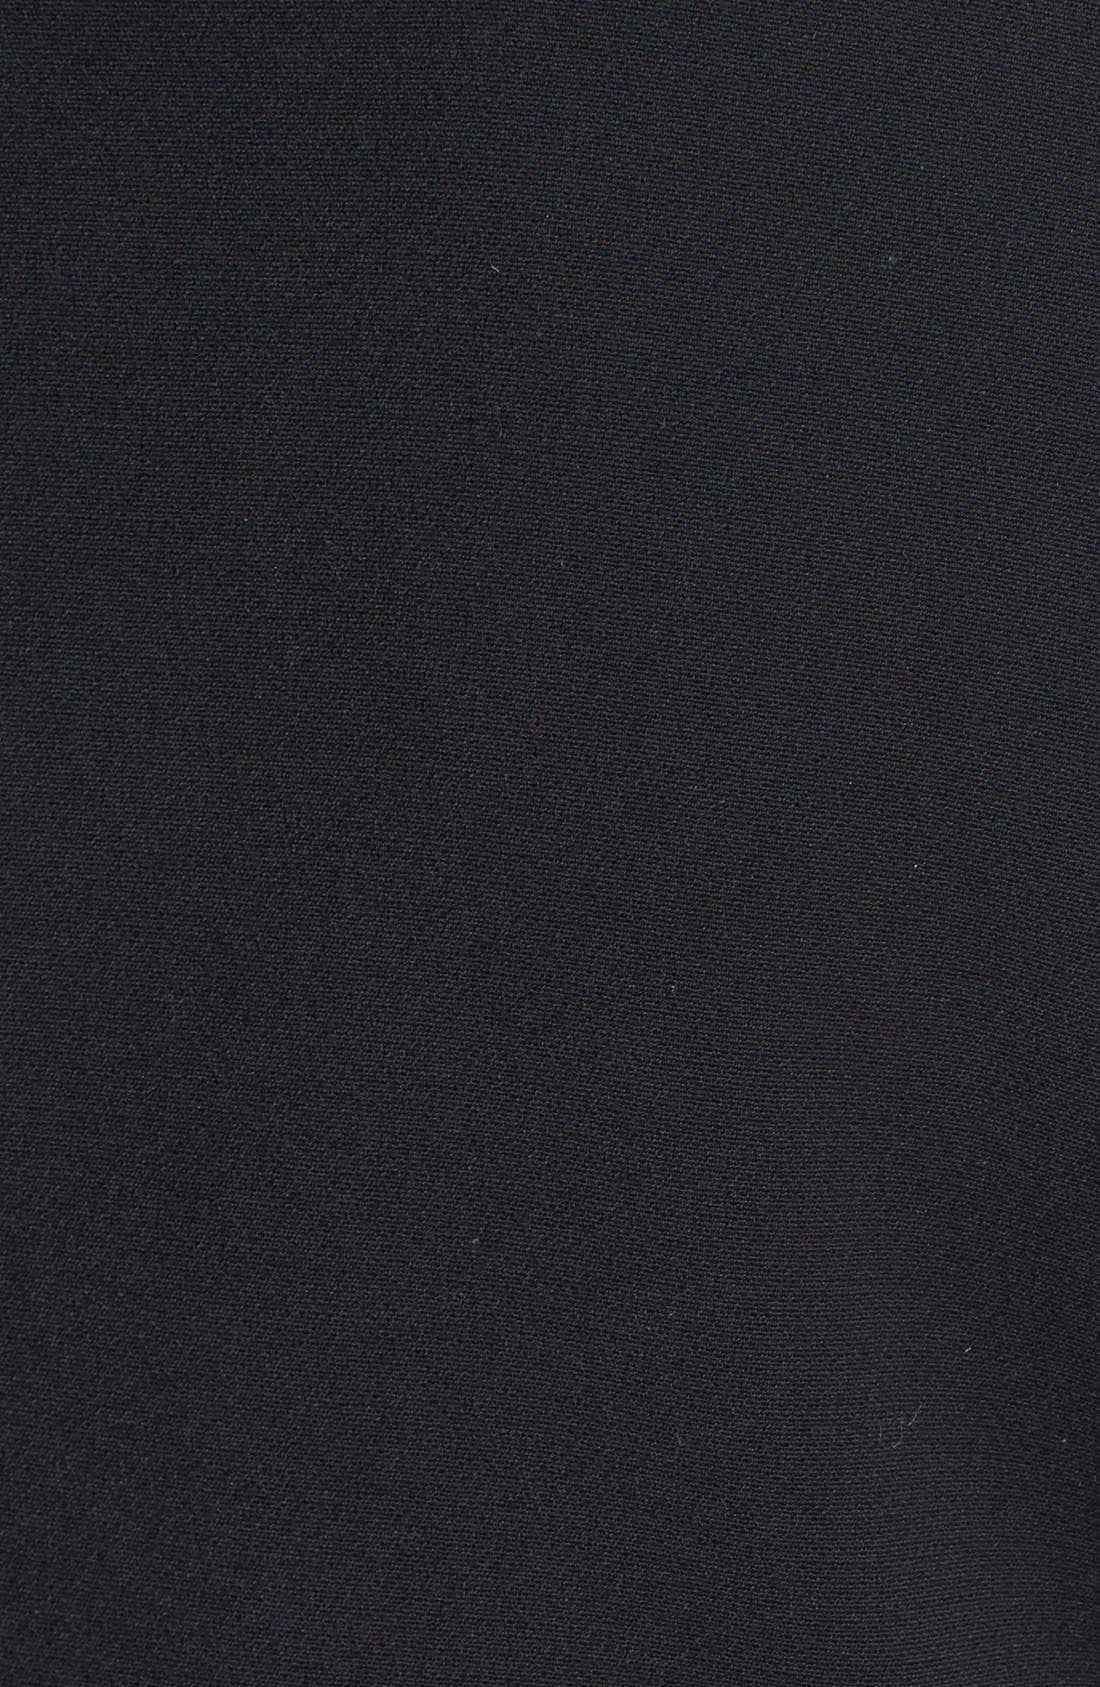 Alternate Image 3  - Anne Klein Side Zip Blazer (Plus Size)